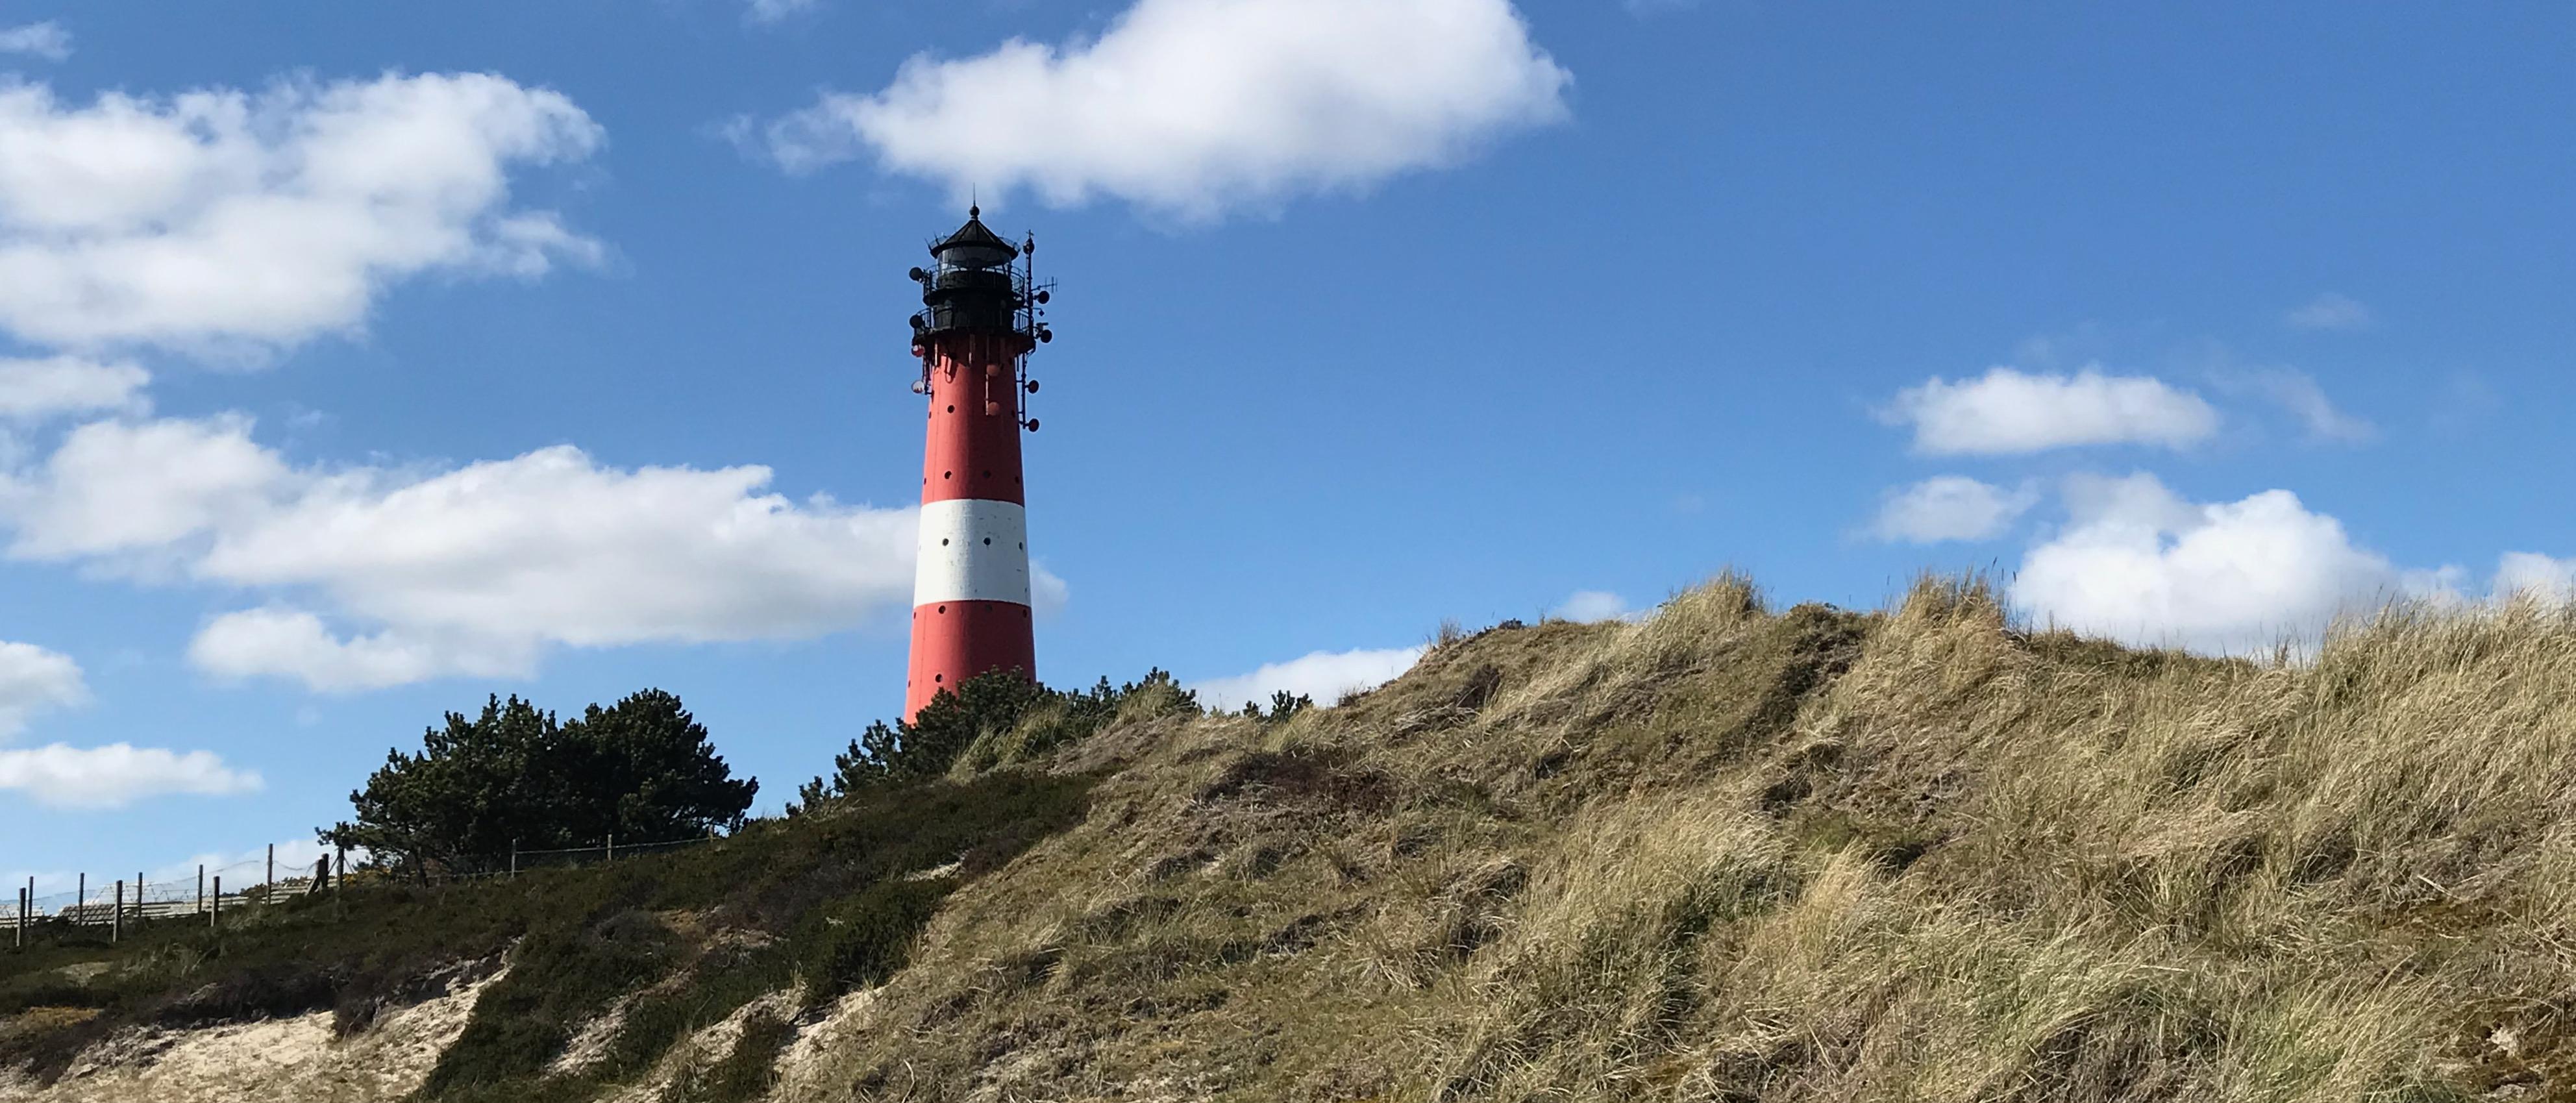 Leuchtturm von Hörnum auf der Insel Sylt